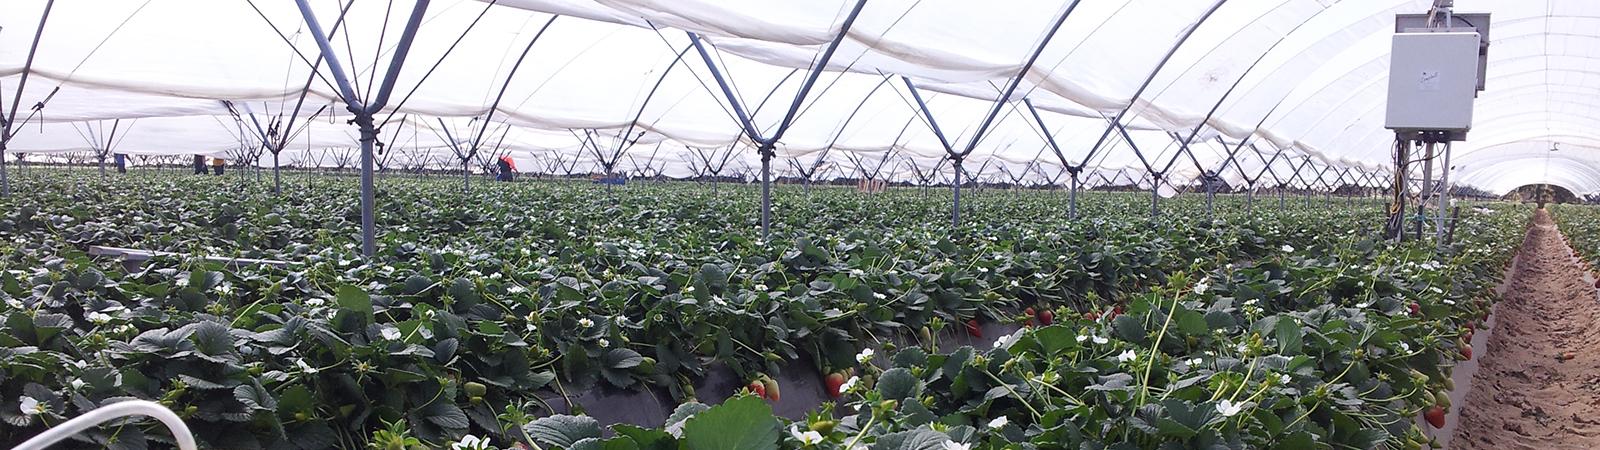 Invernaderos - GAT Fertilíquidos